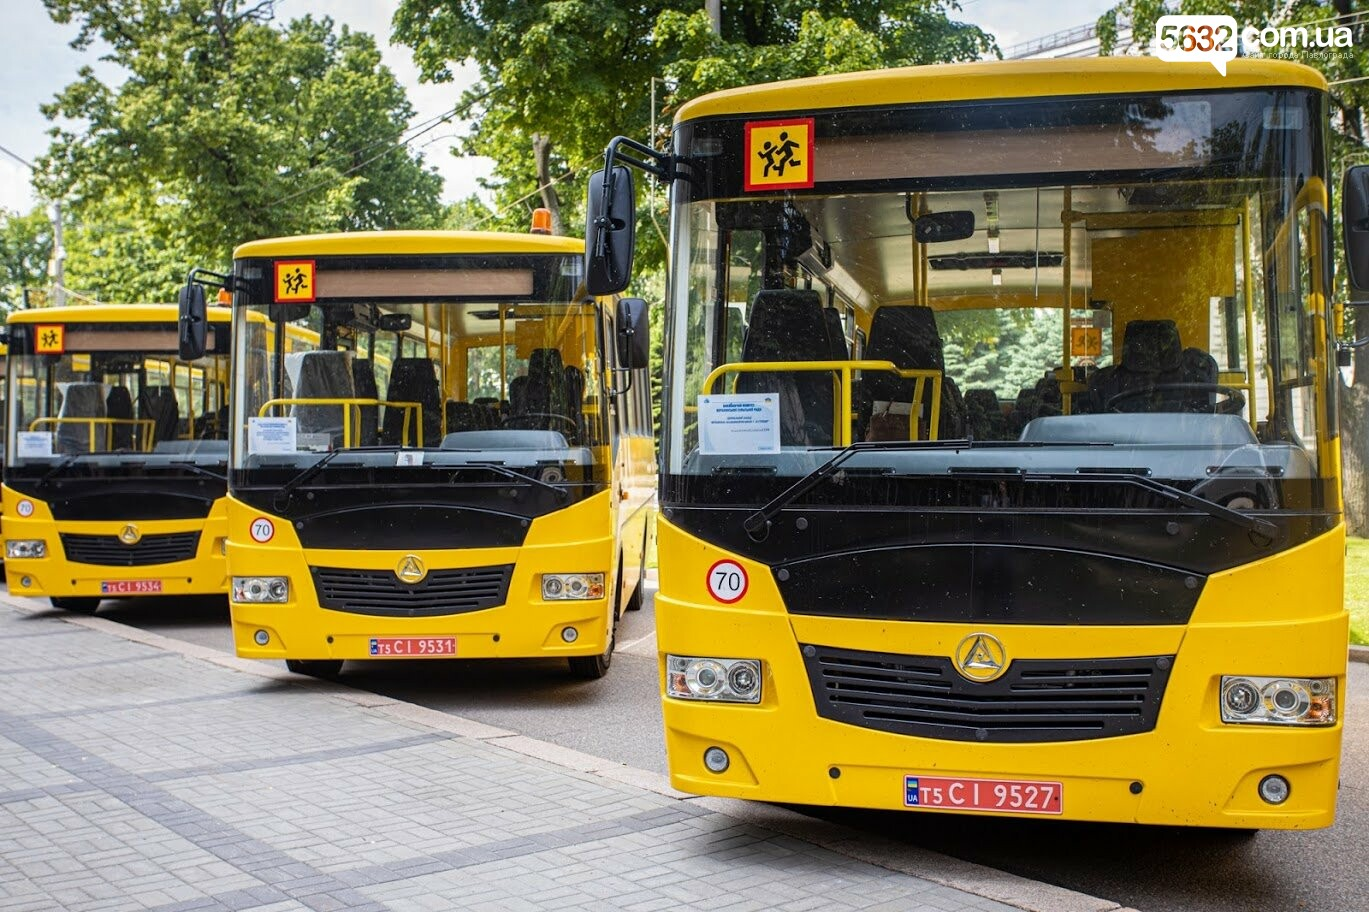 13 новых школьных автобусов отправились в сельские учебные учреждения Днепропетровщины (ФОТО), фото-1